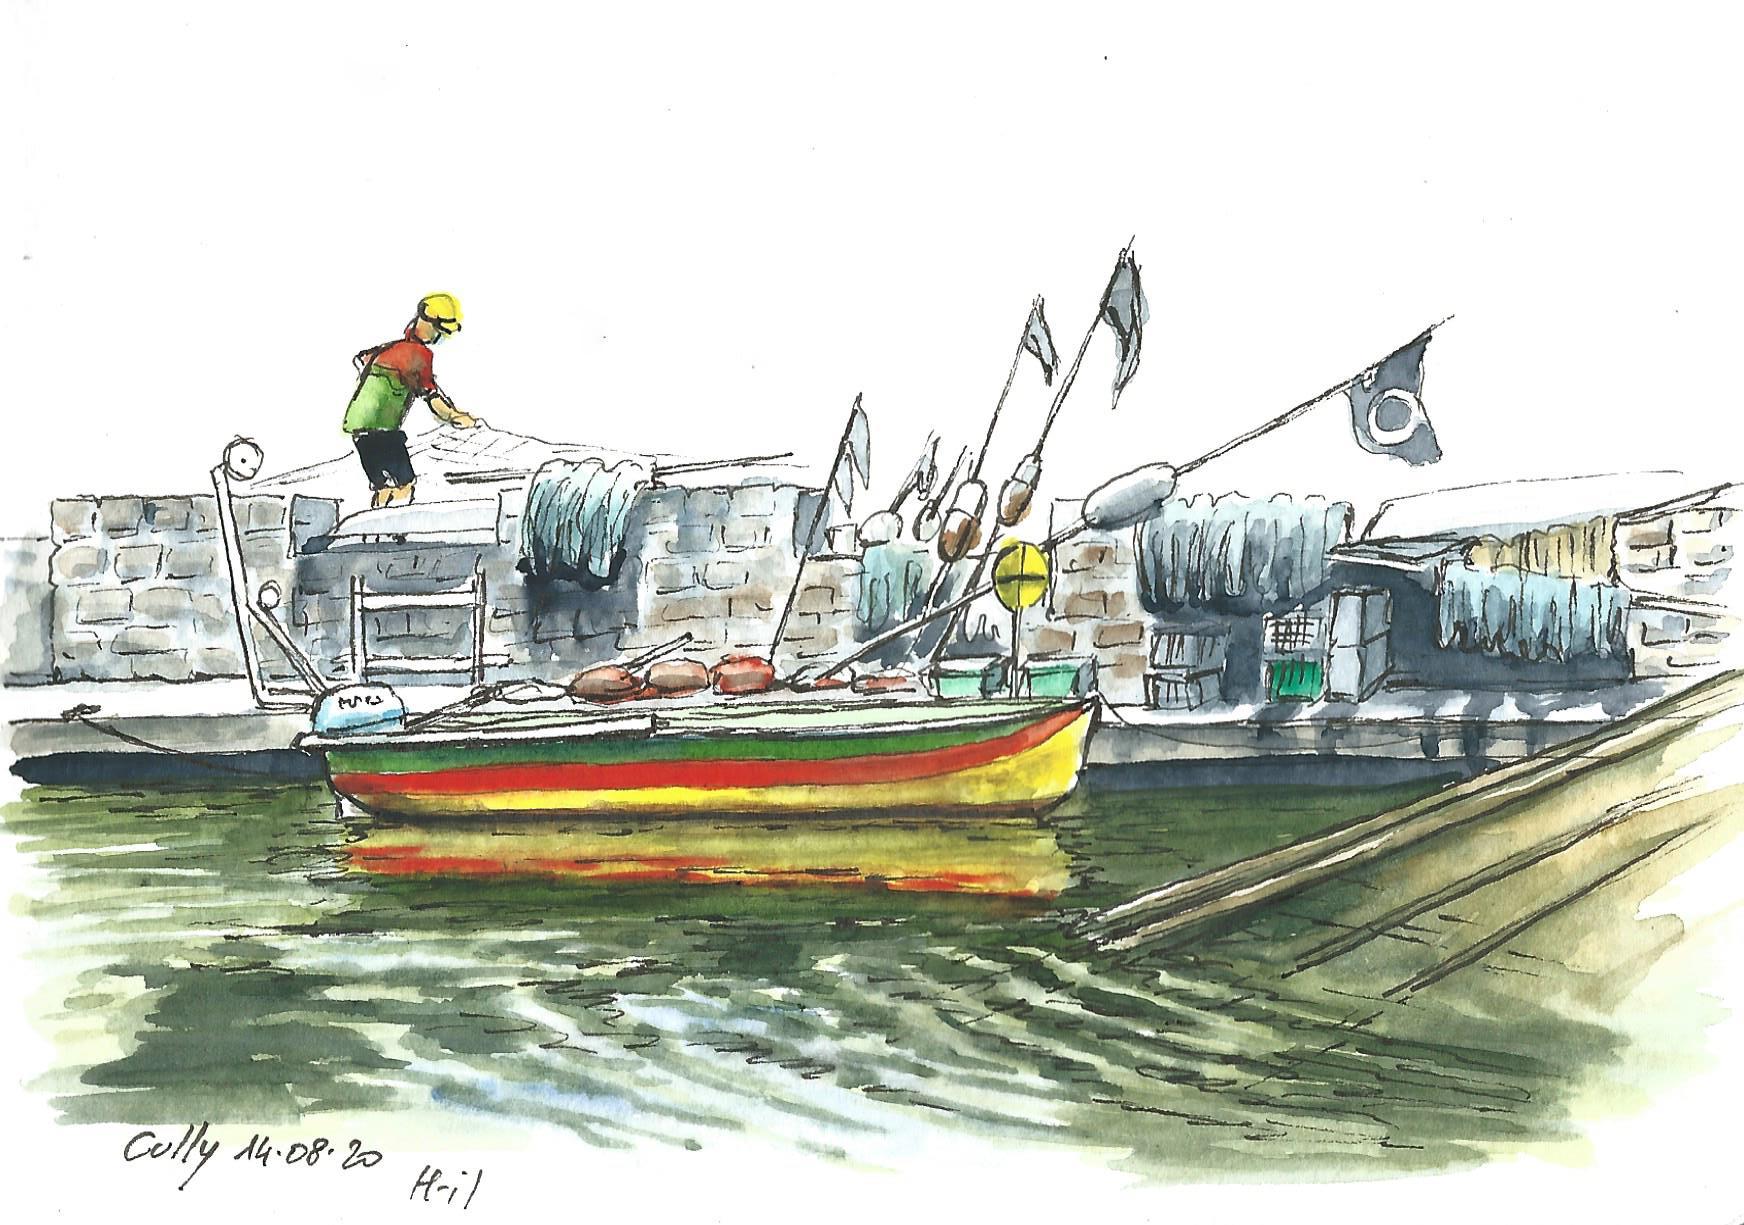 Pêcheur Cully